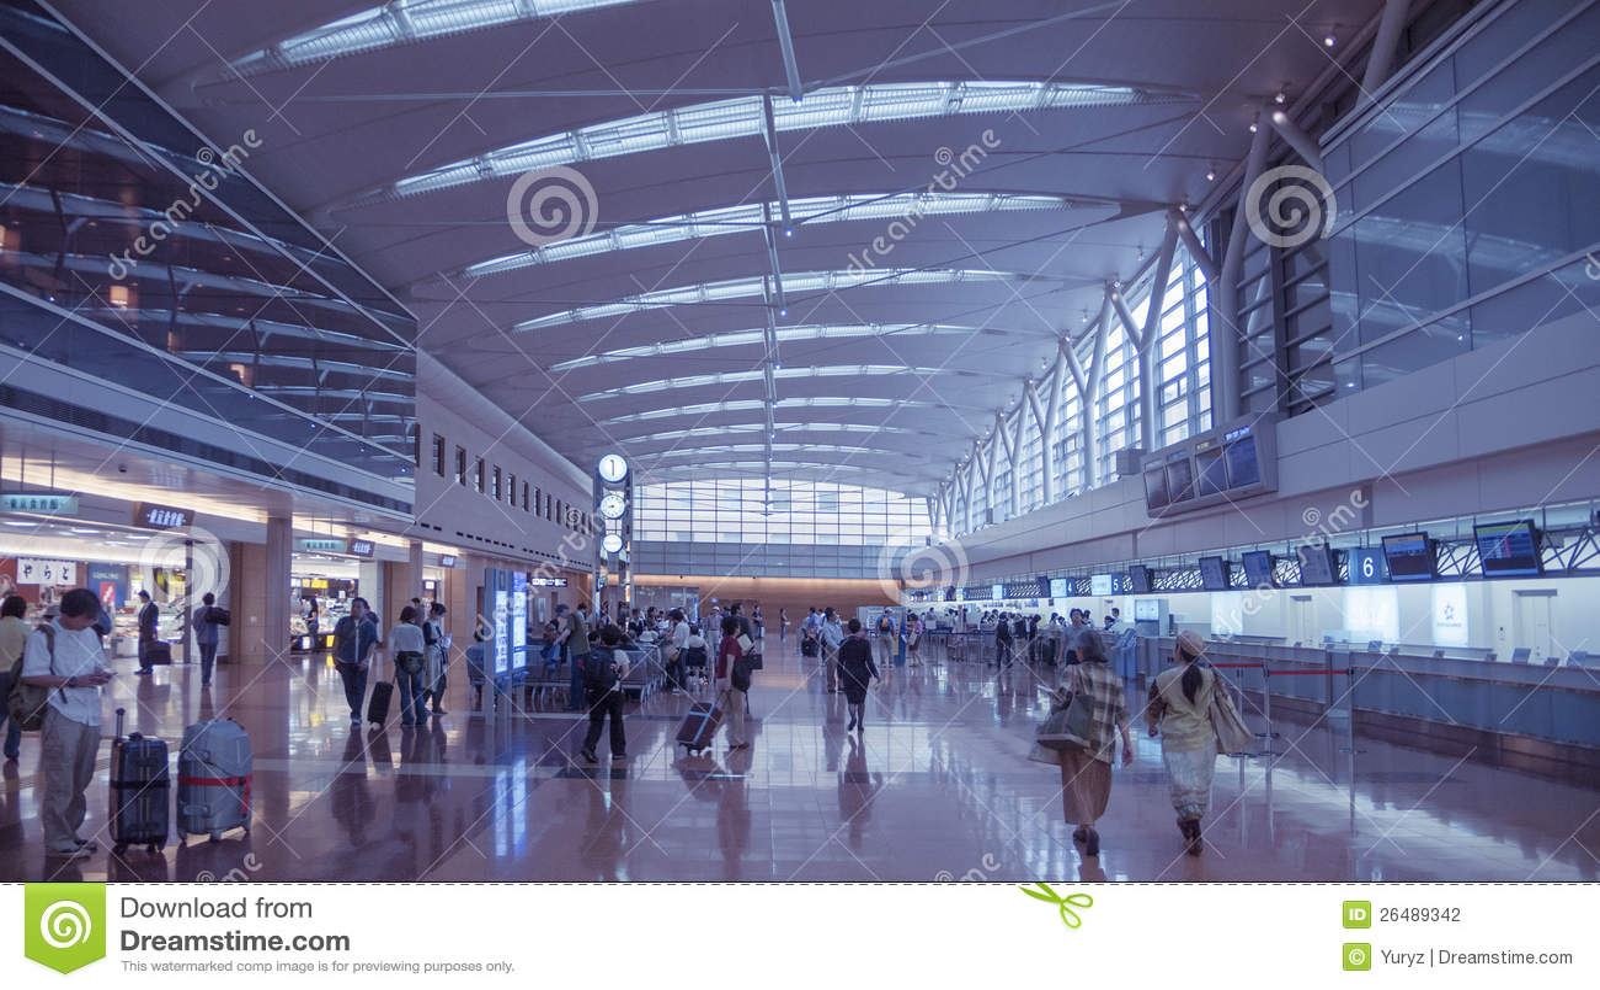 Aeroporto Tokyo : Aeroporto del haneda tokyo fotografia editoriale immagine di